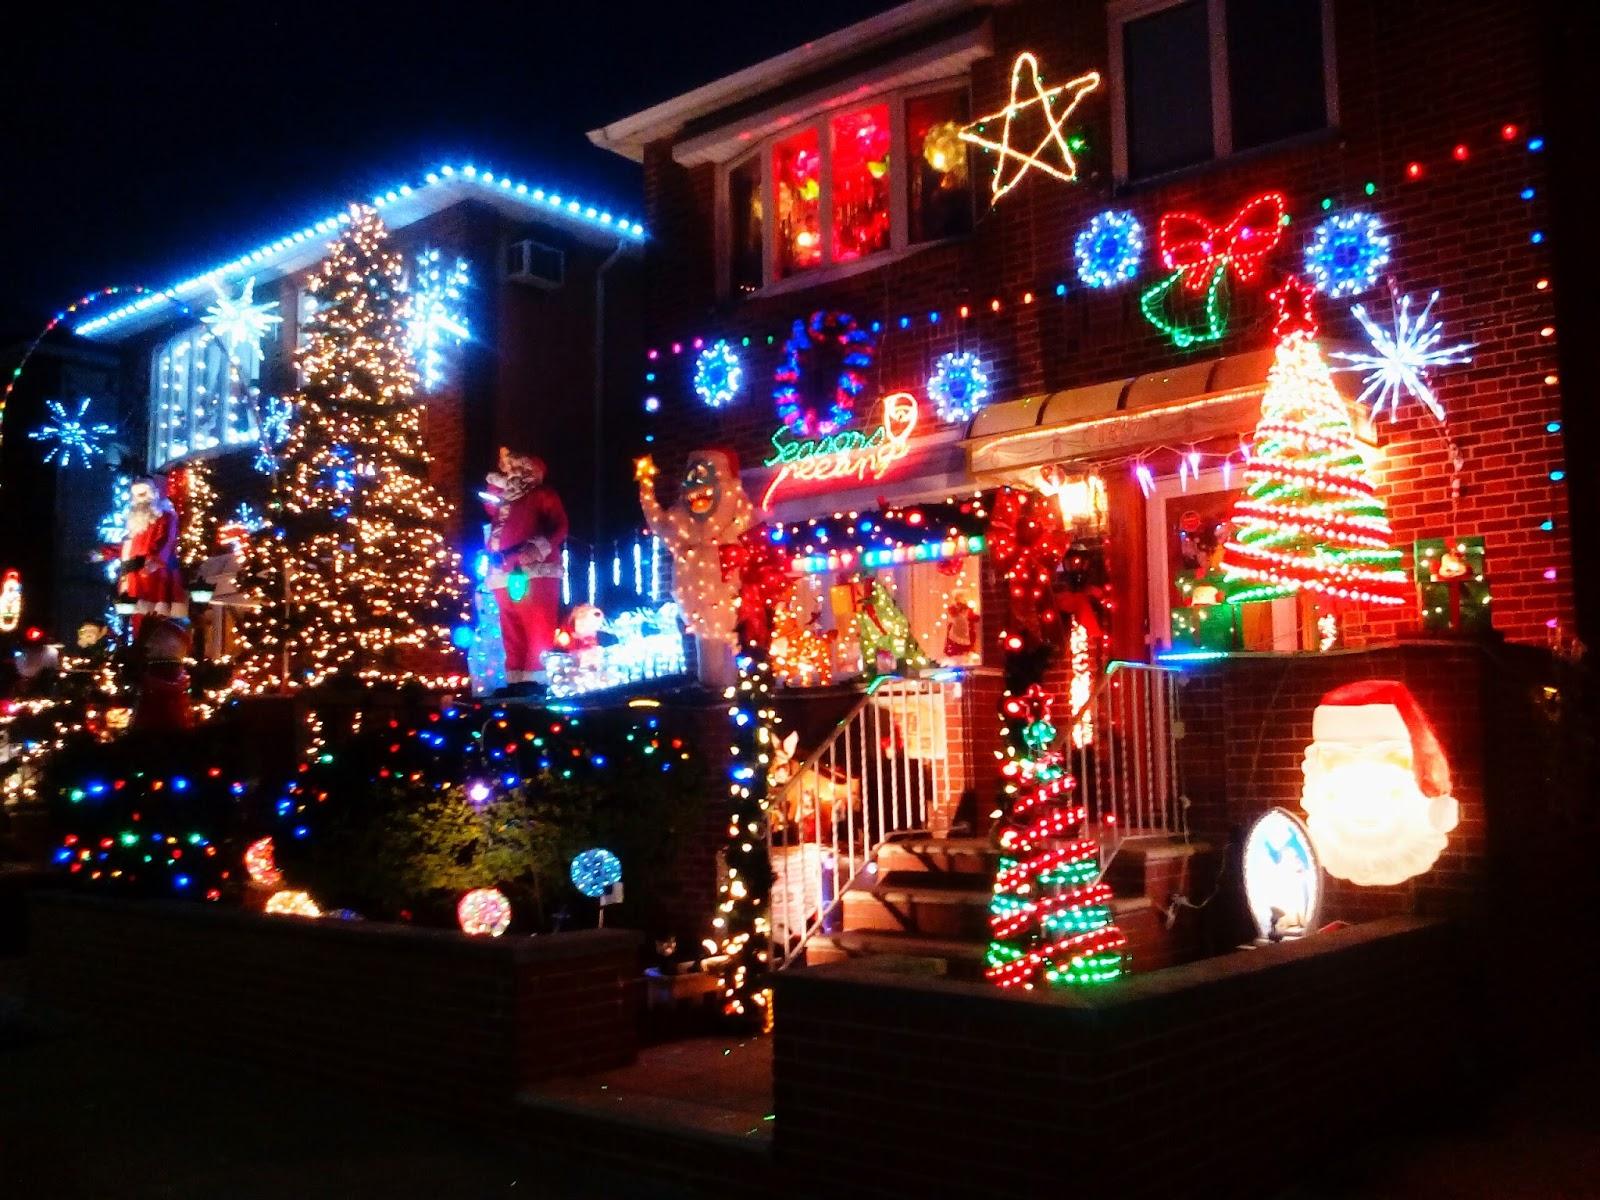 #B1211A Une Grosse Pomme à NY: Dyker Heights Christmas Lights  5329 décorations de noel aux etats unis 1600x1200 px @ aertt.com